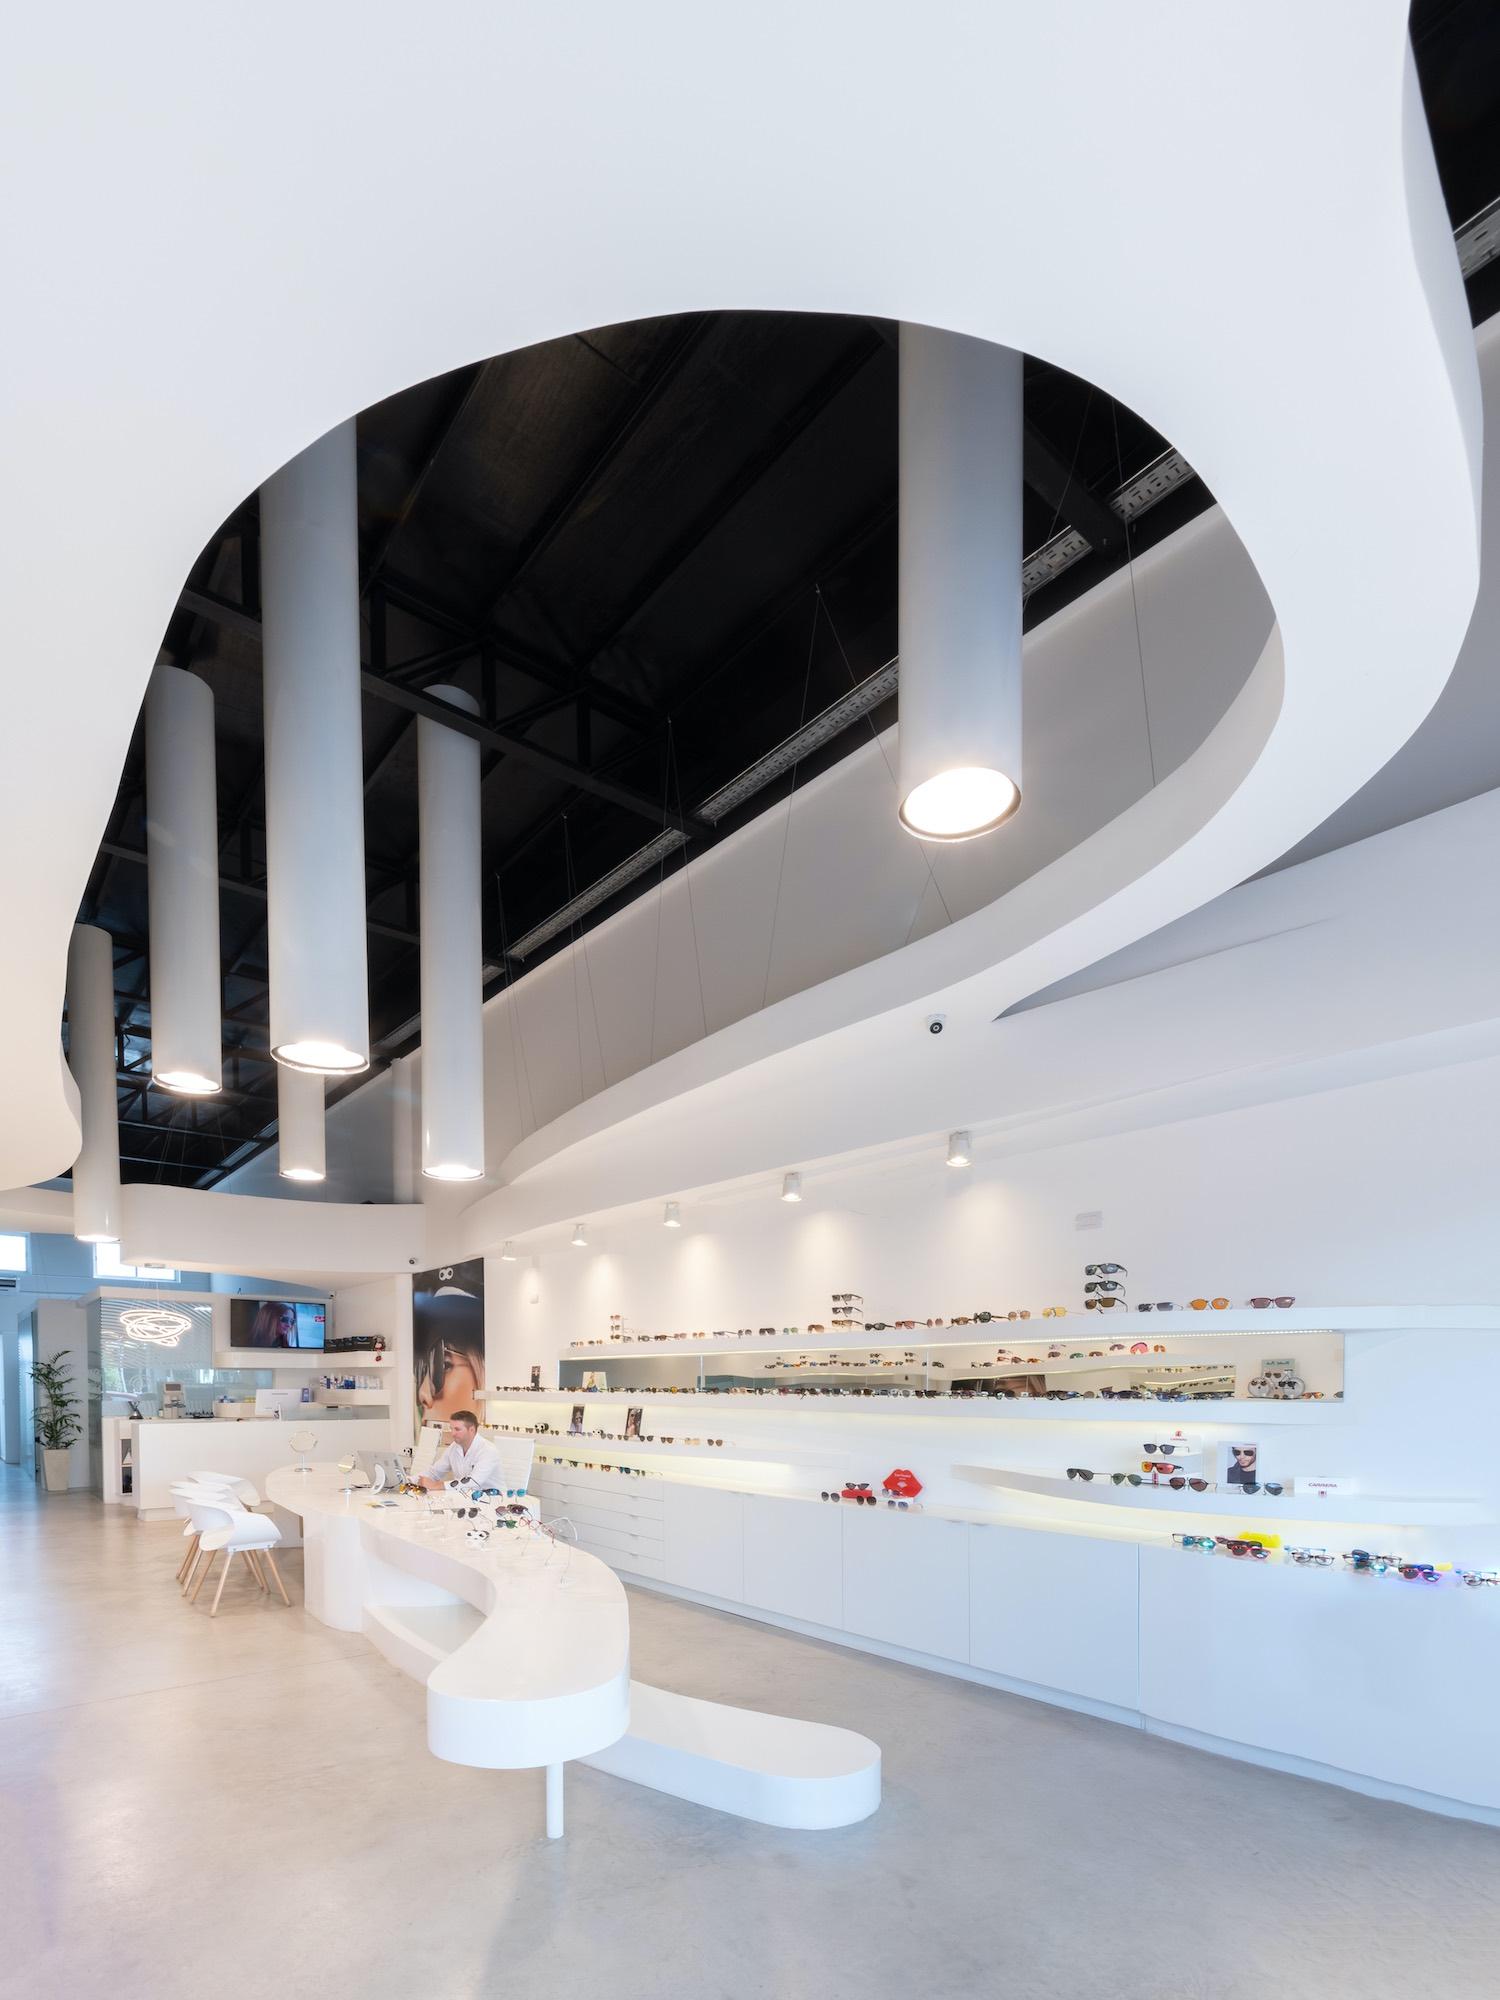 Lazzarini Optics in Villa Carlos Paz, Argentina designed by Castellino Arquitectos